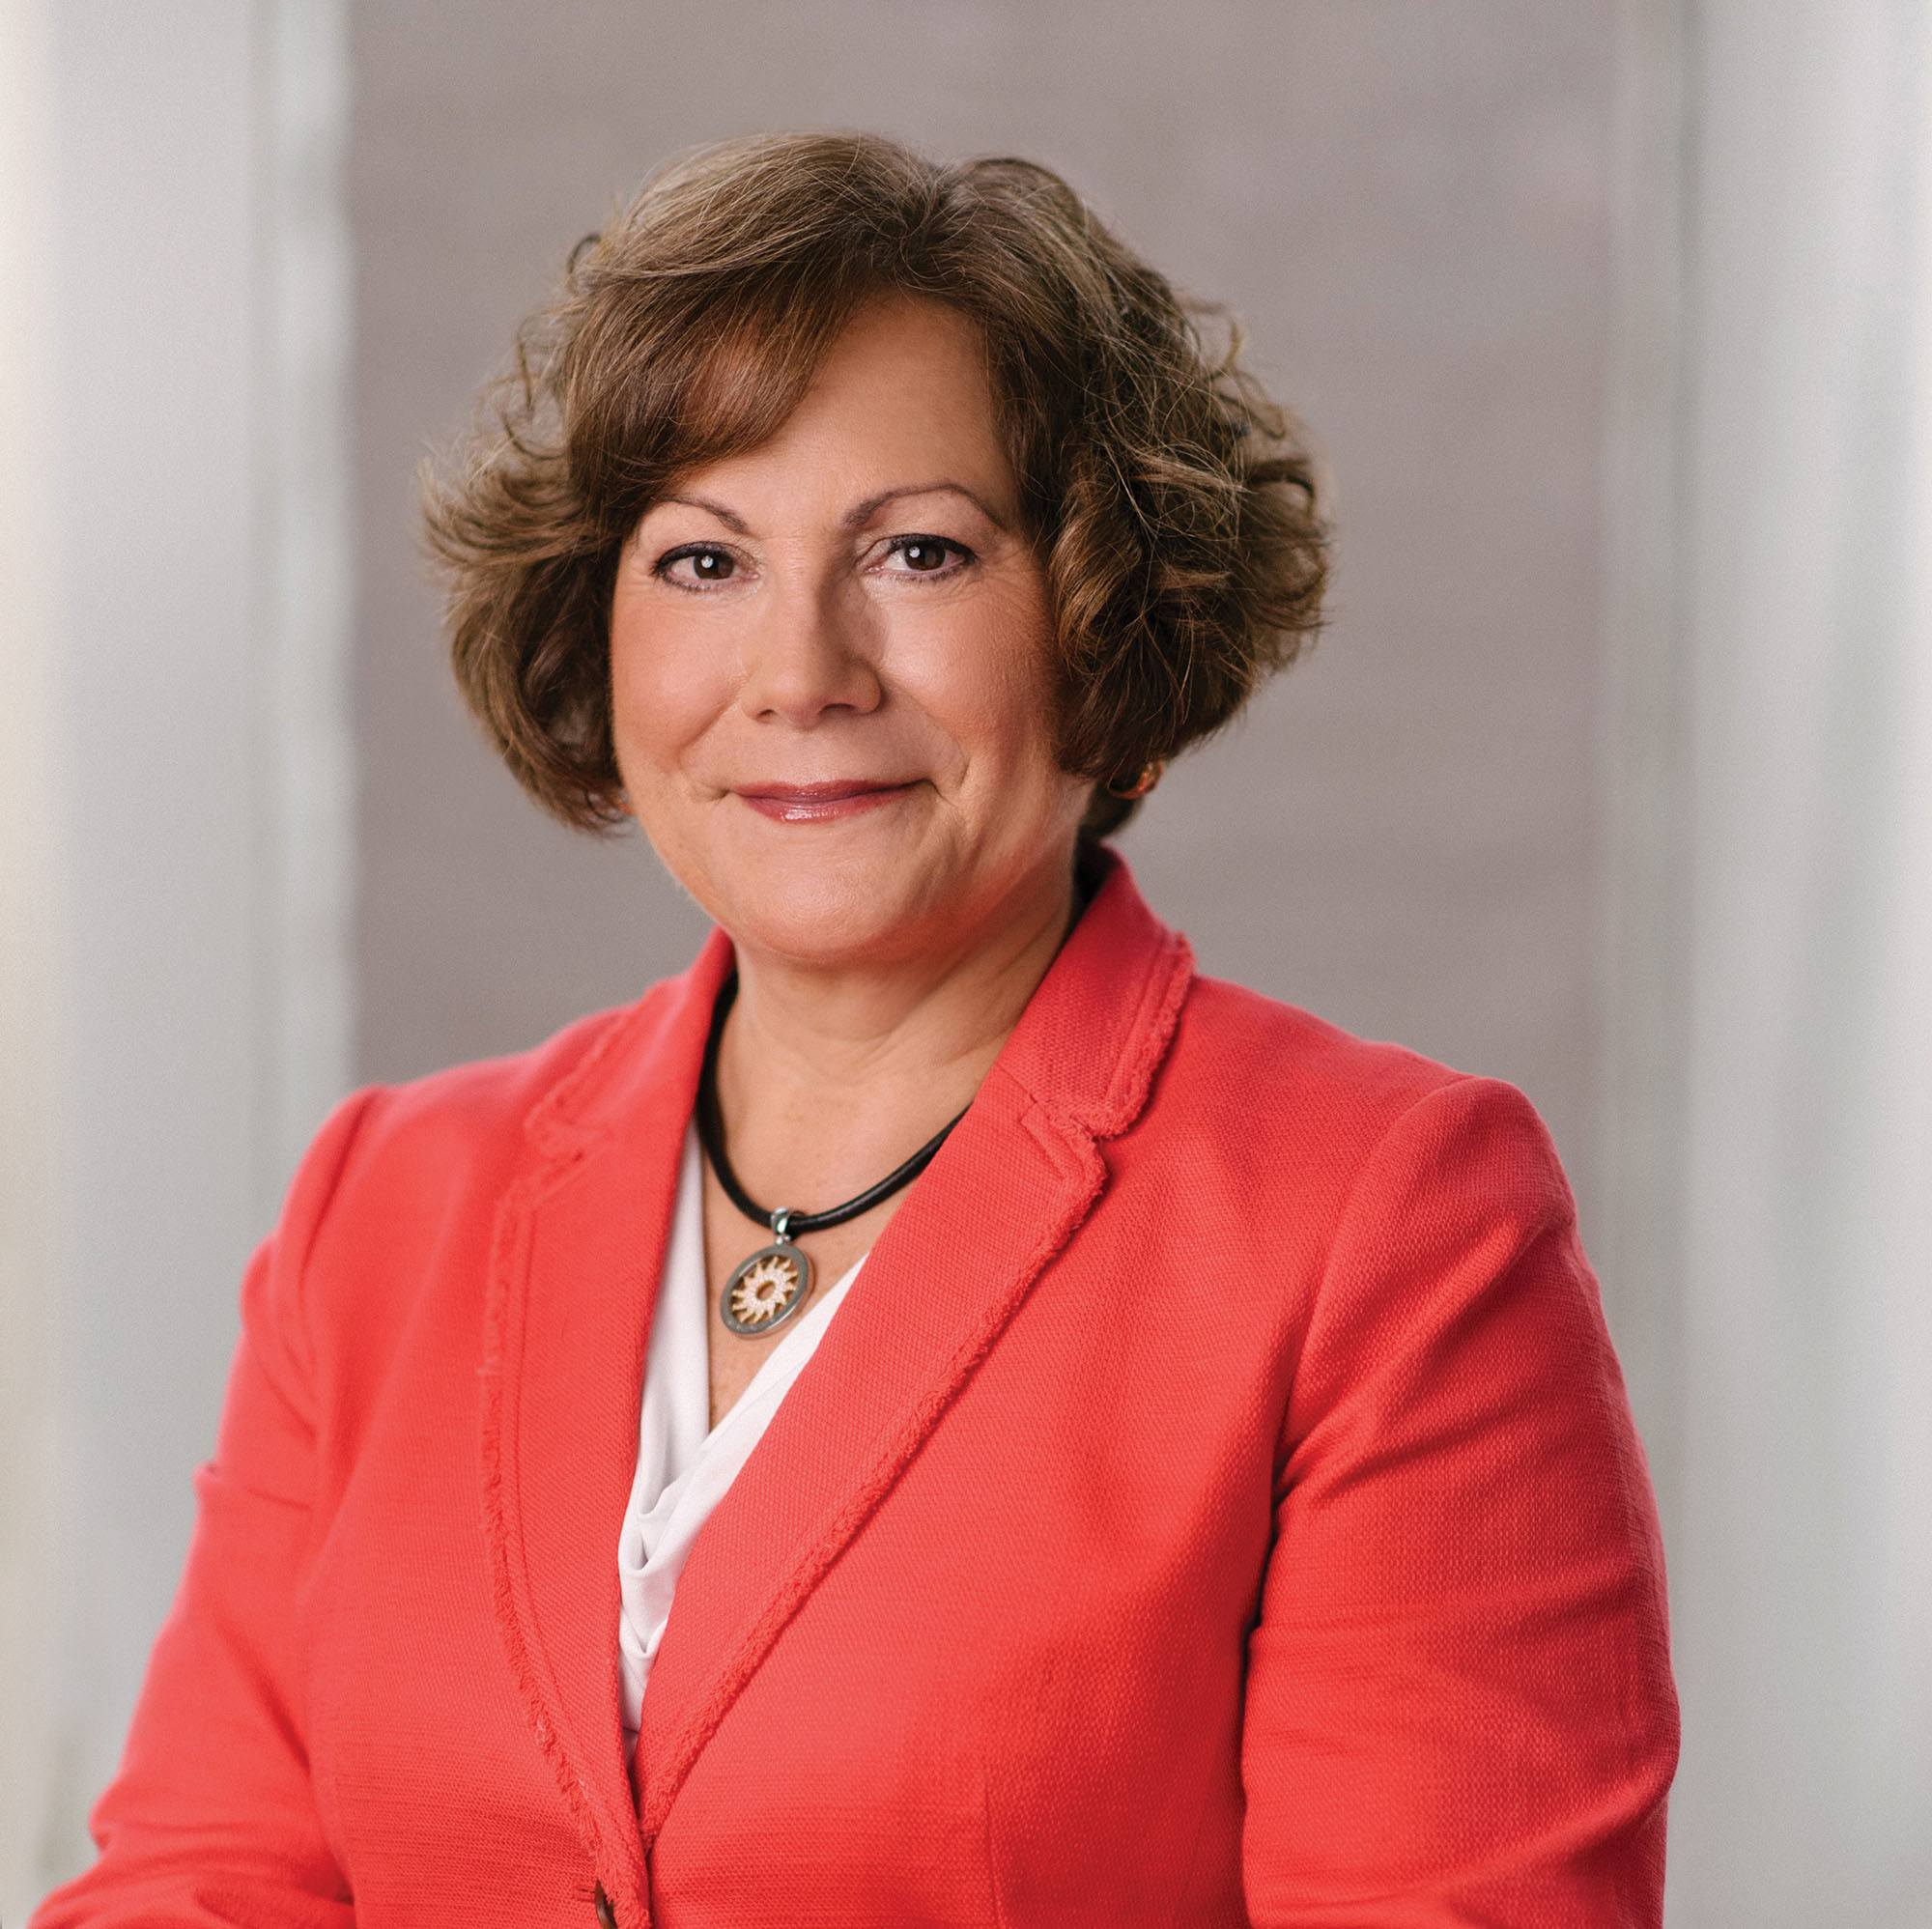 Joann Petillo